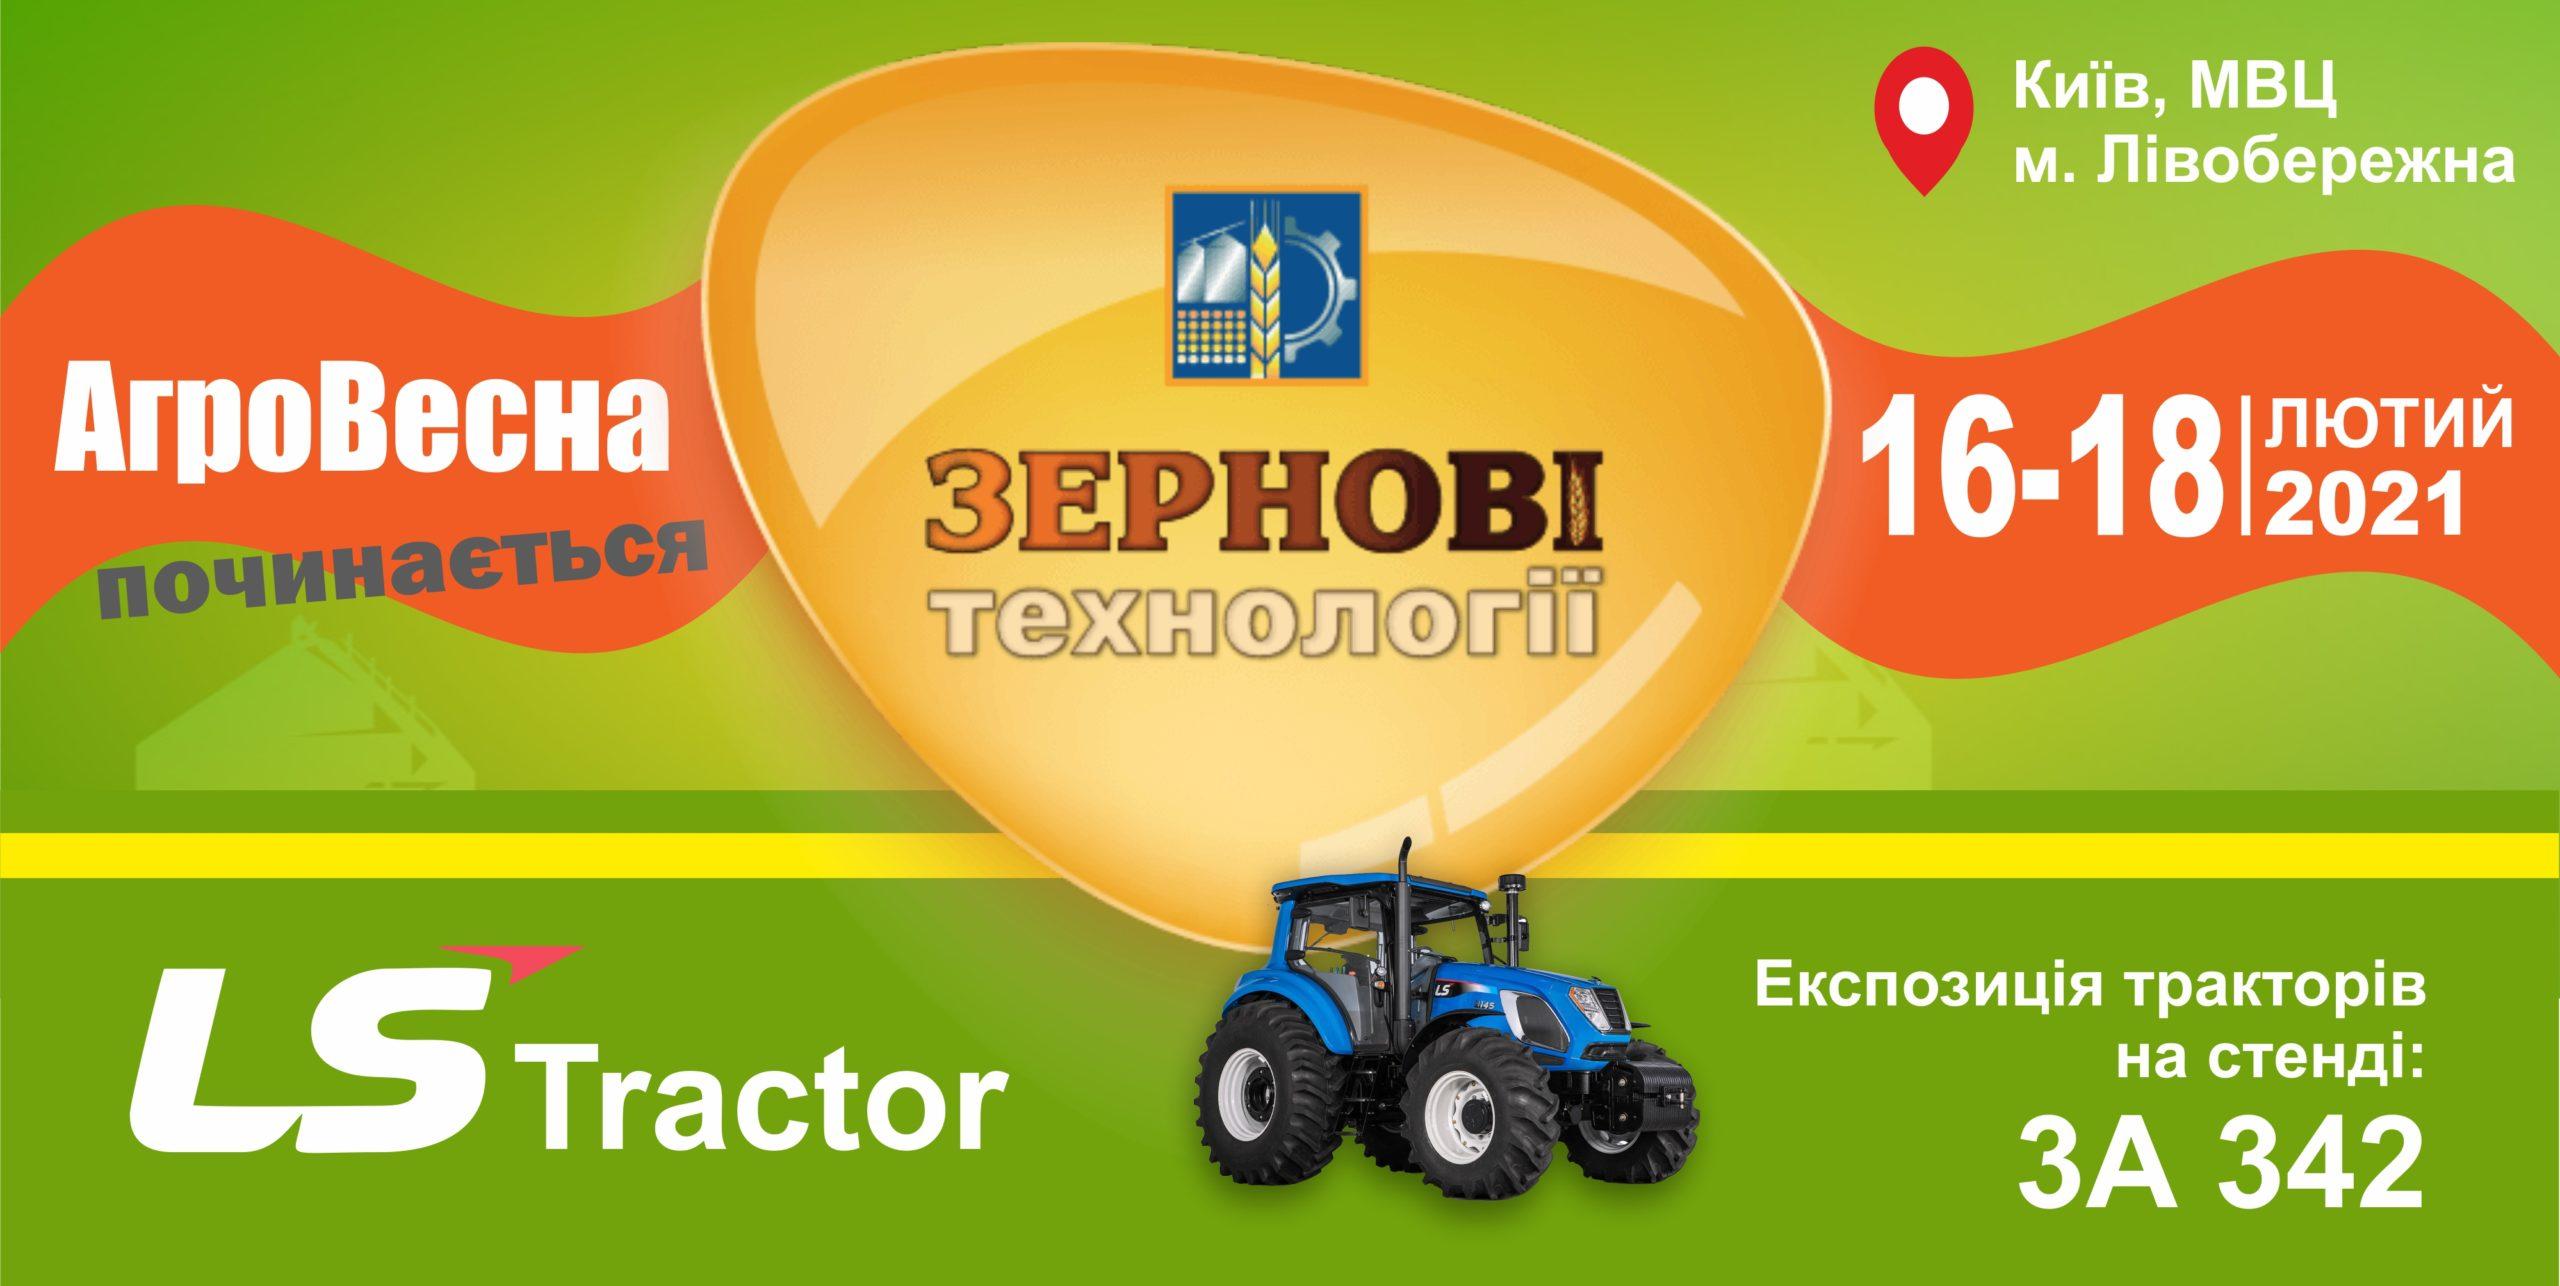 """Запрошуємо до експозиції тракторів LS Tractor на міжнародній виставці """"ЗЕРНОВІ ТЕХНОЛОГІЇ-2021"""""""